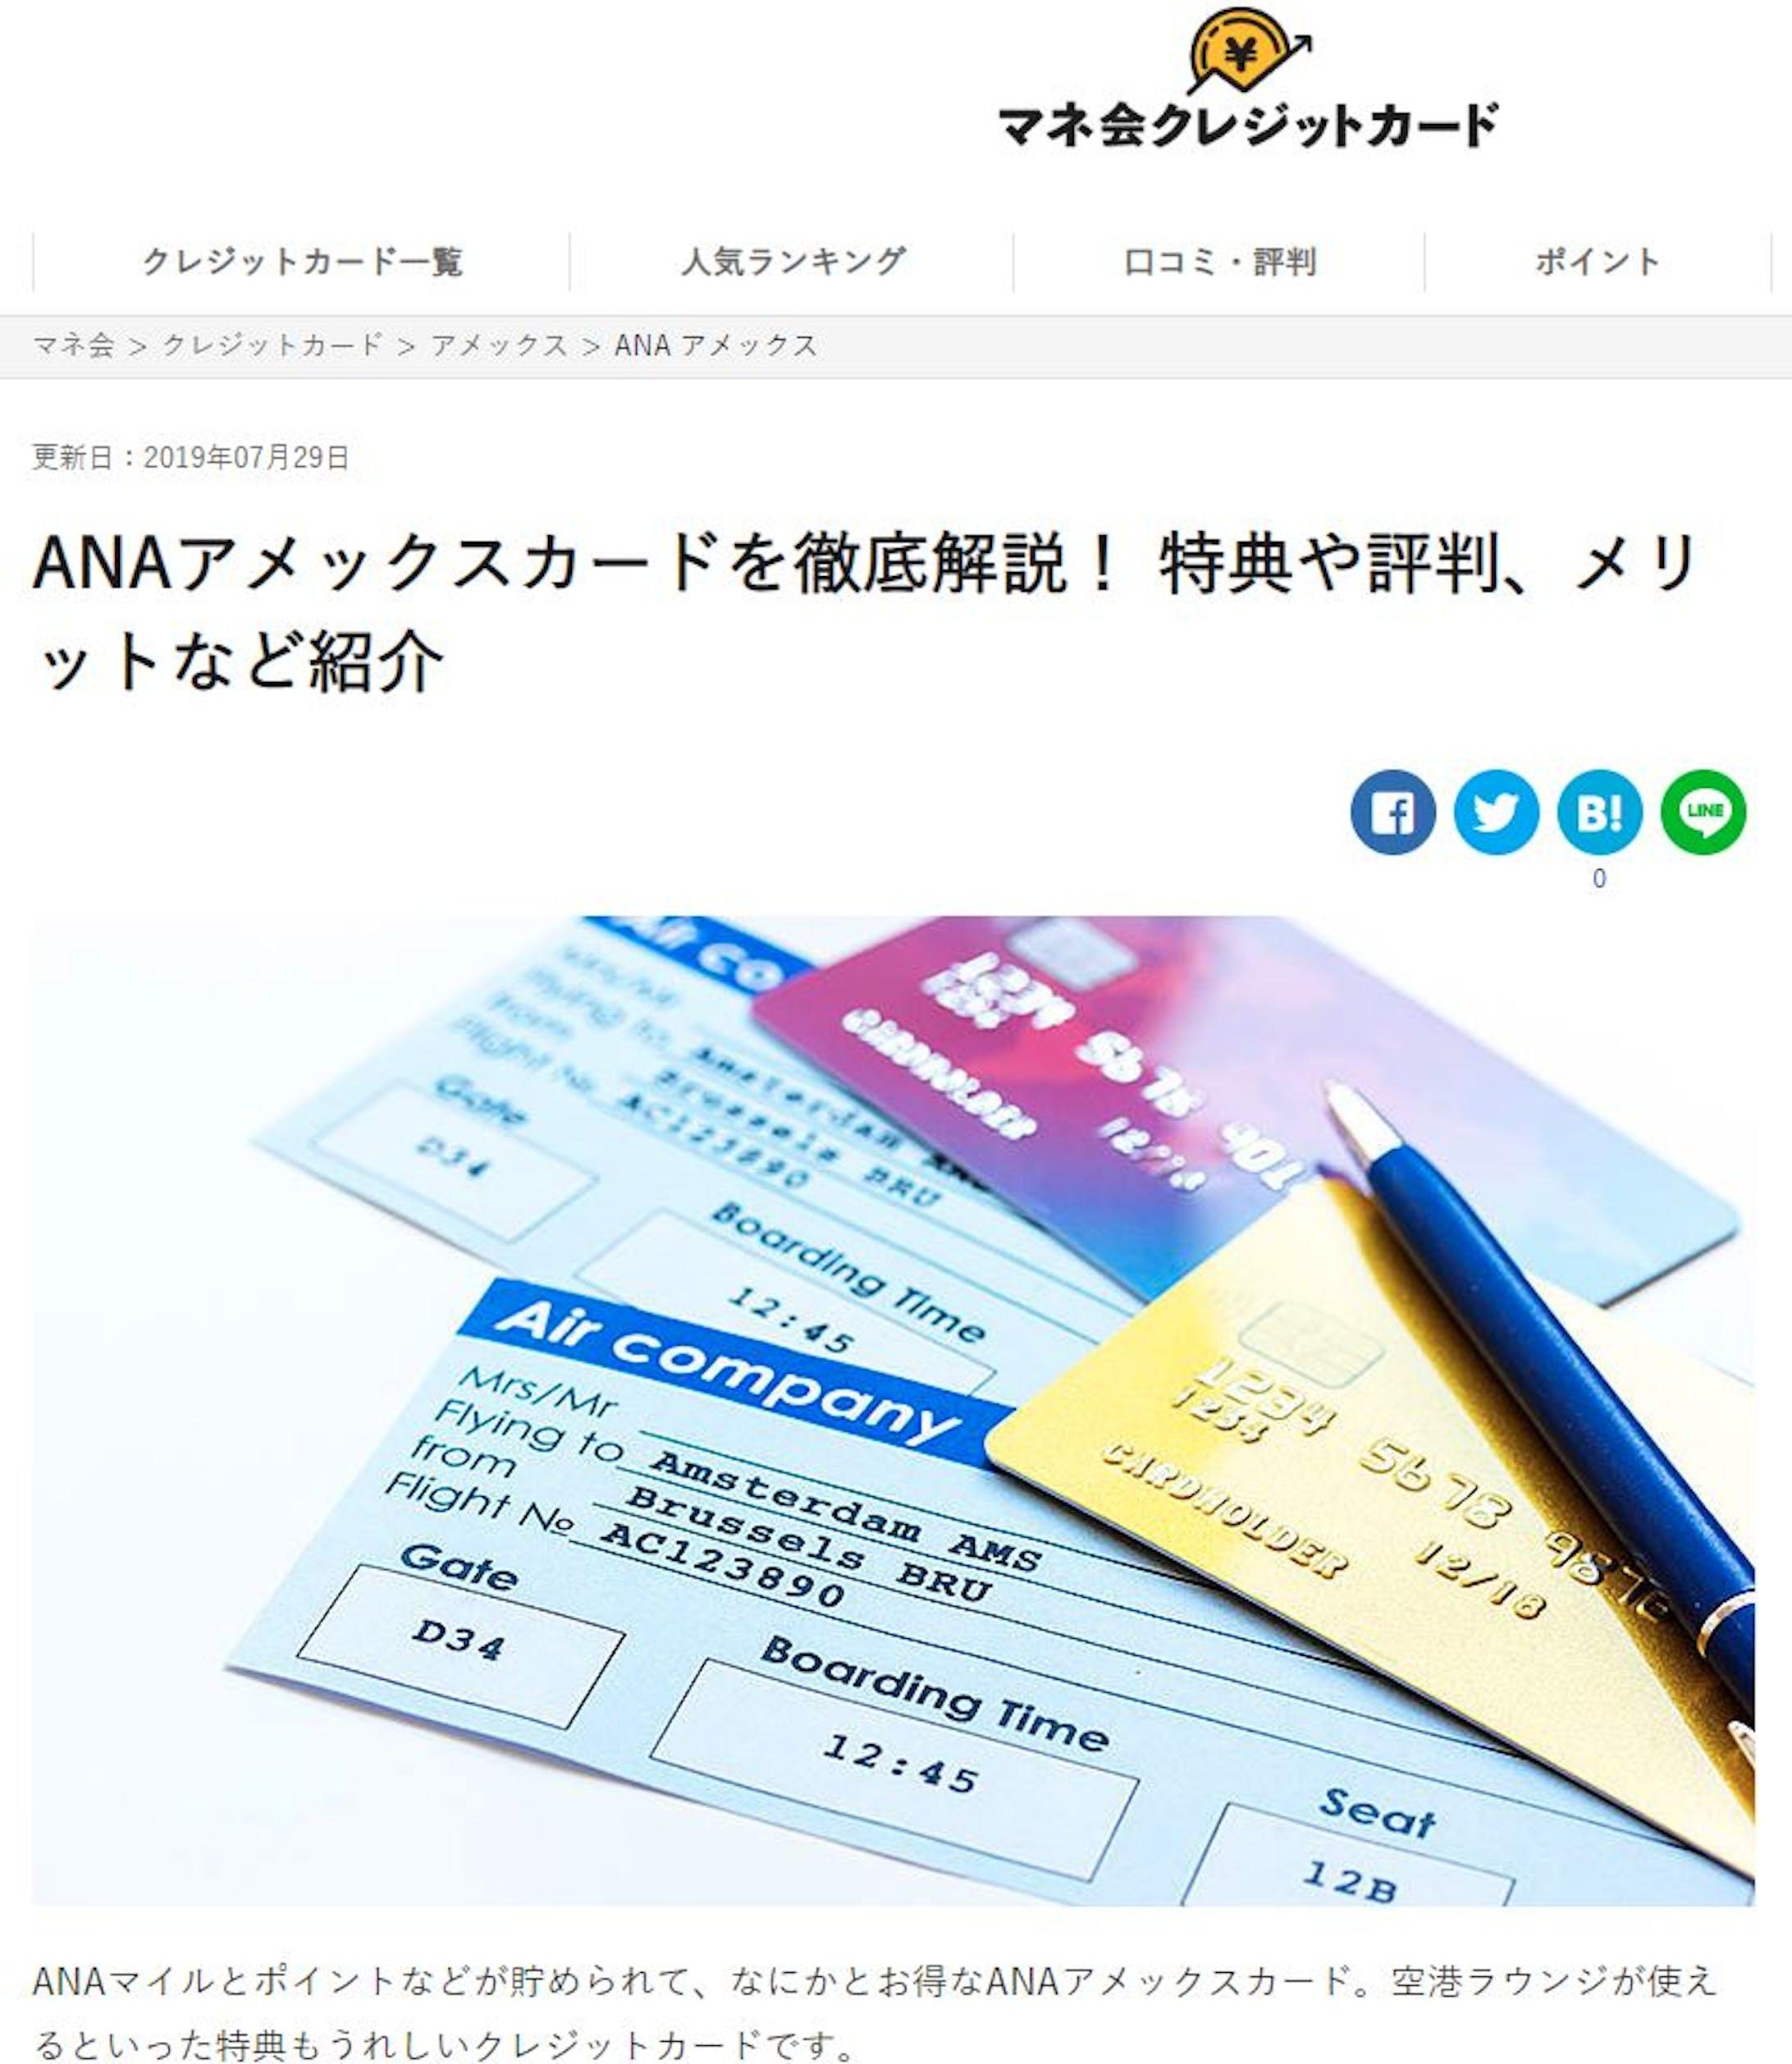 サイバーエージェントG運営「マネ会」でクレジットカード記事を執筆中-3